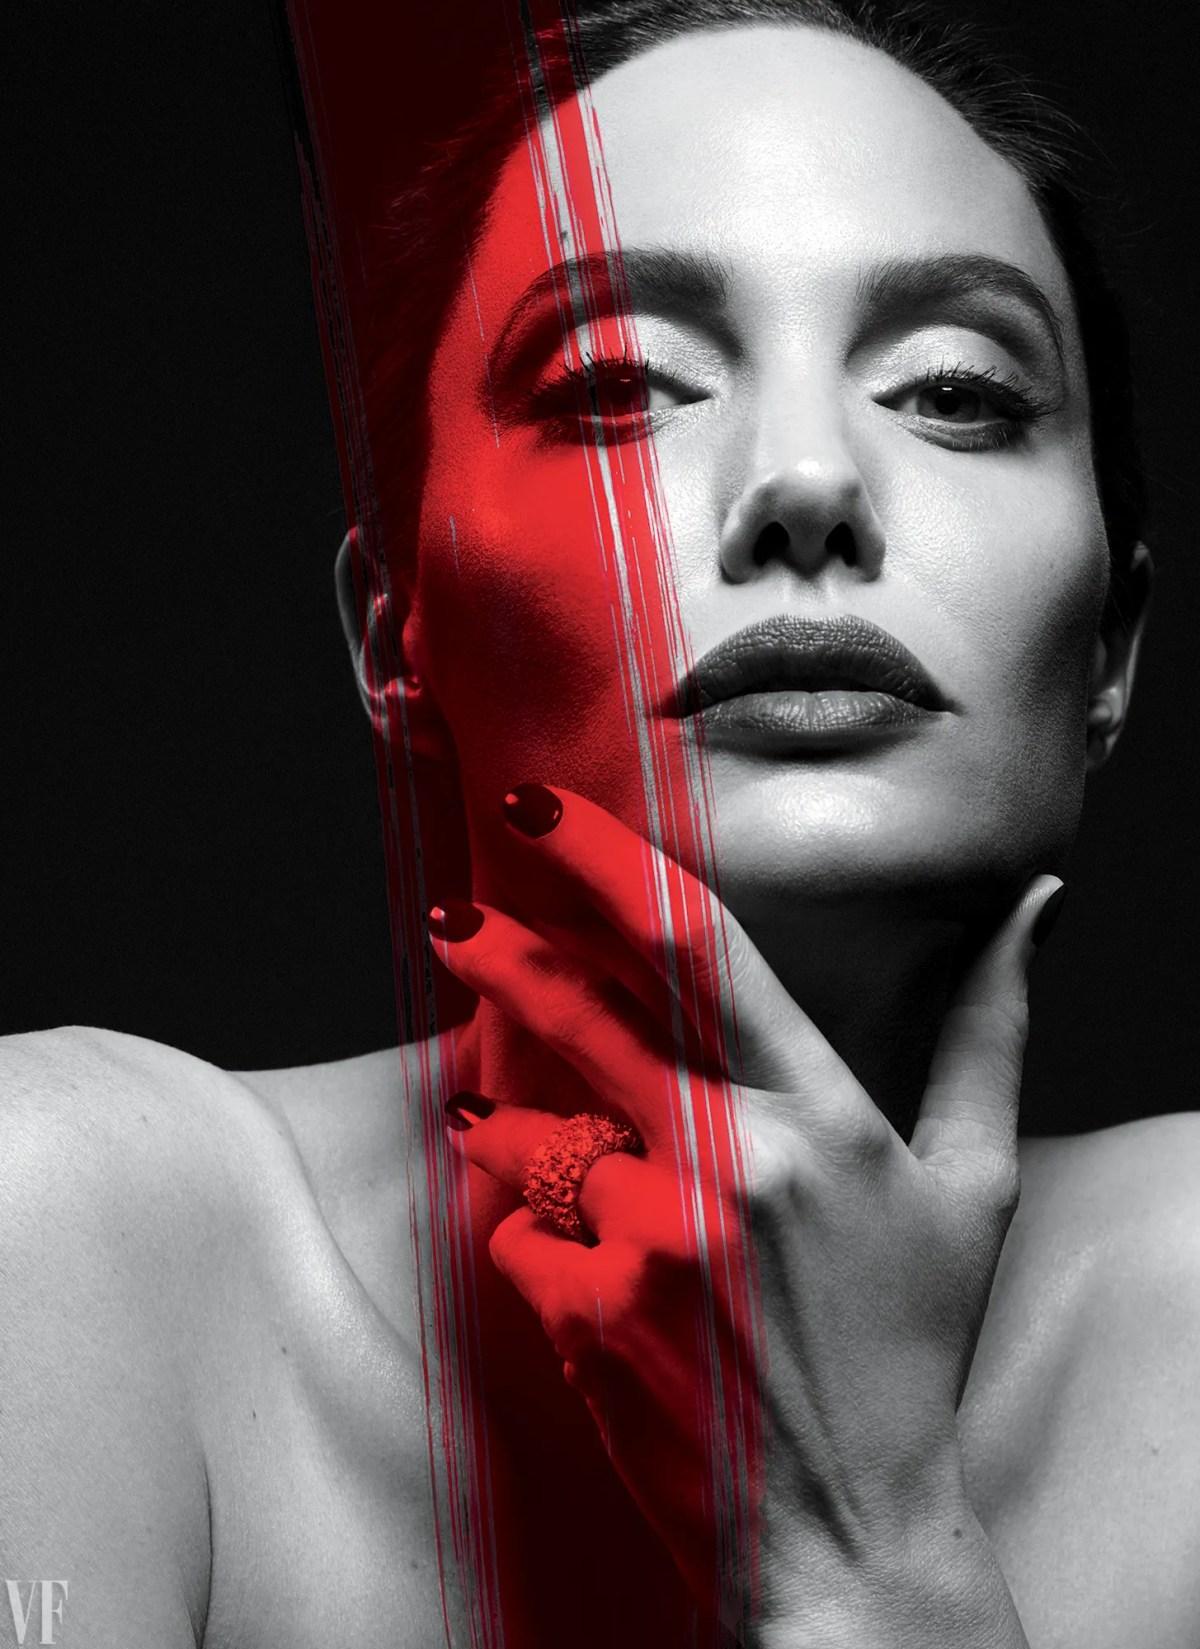 Histoire de couverture de Vanity Fair d'Angelina Jolie